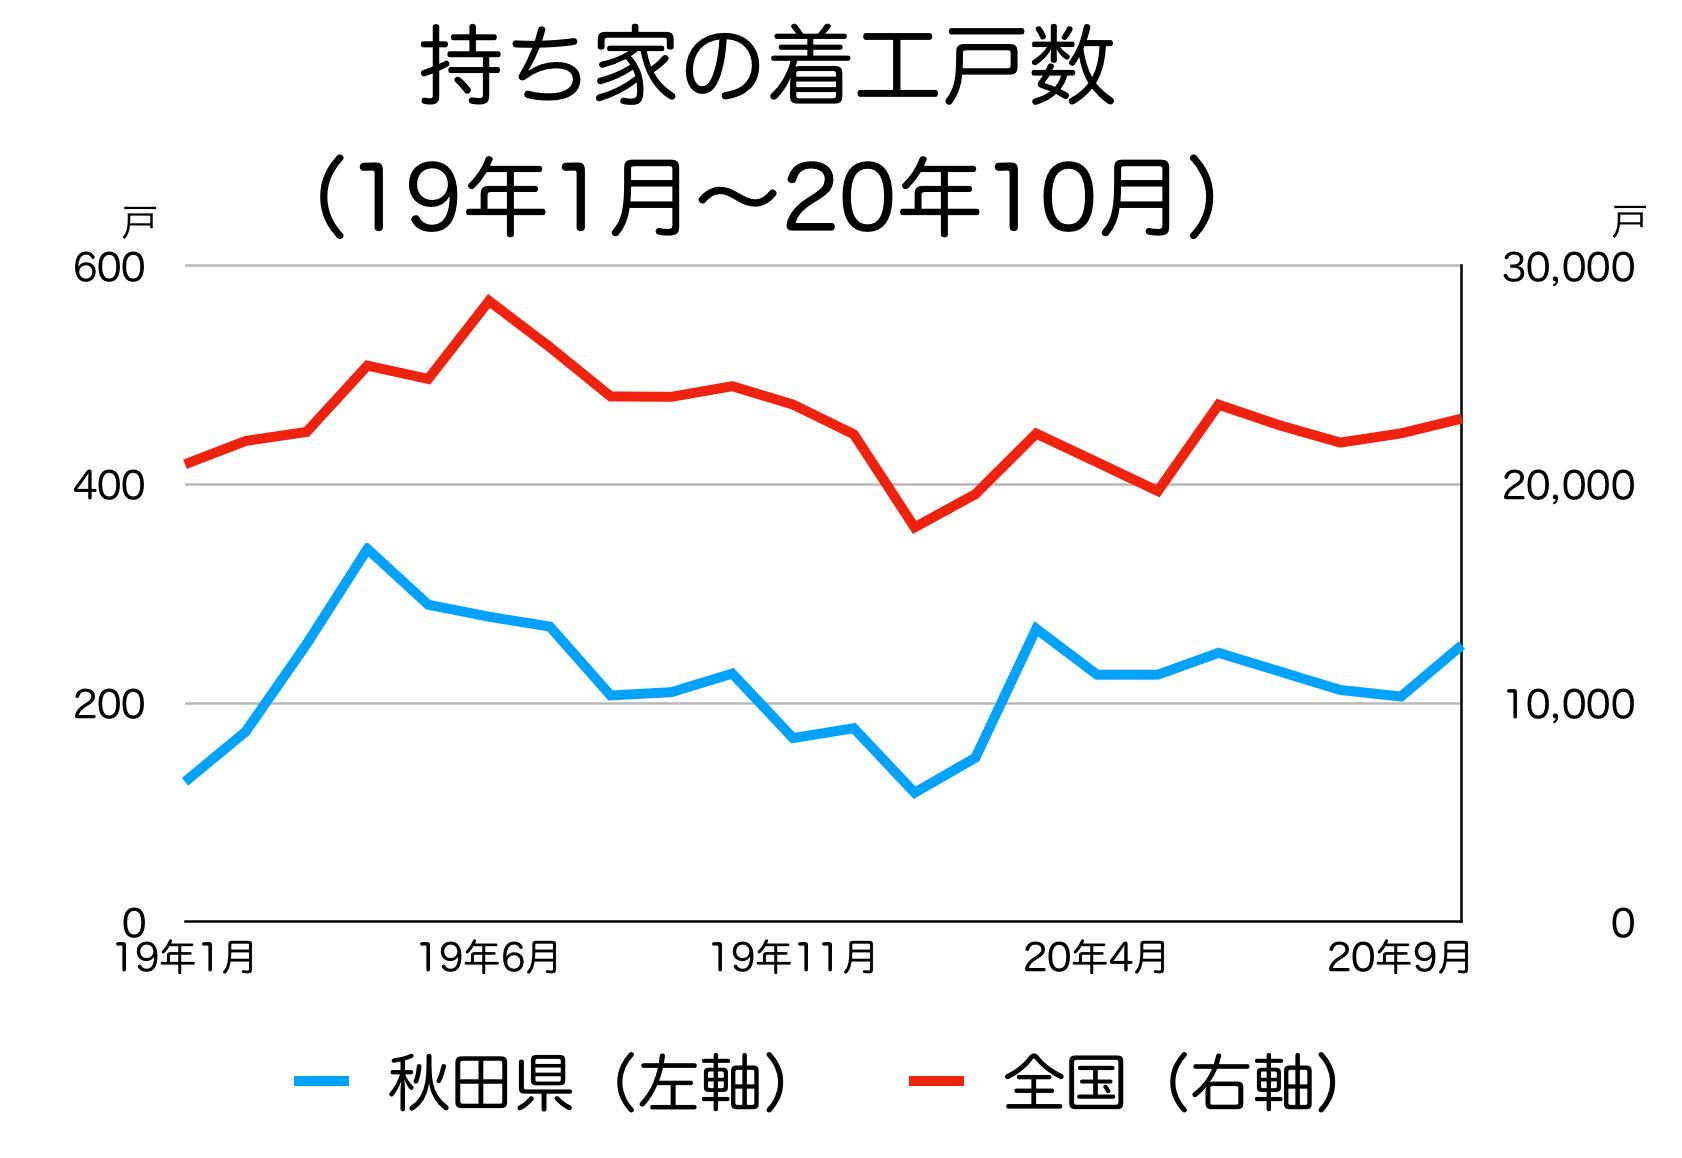 秋田県の新築着工統計